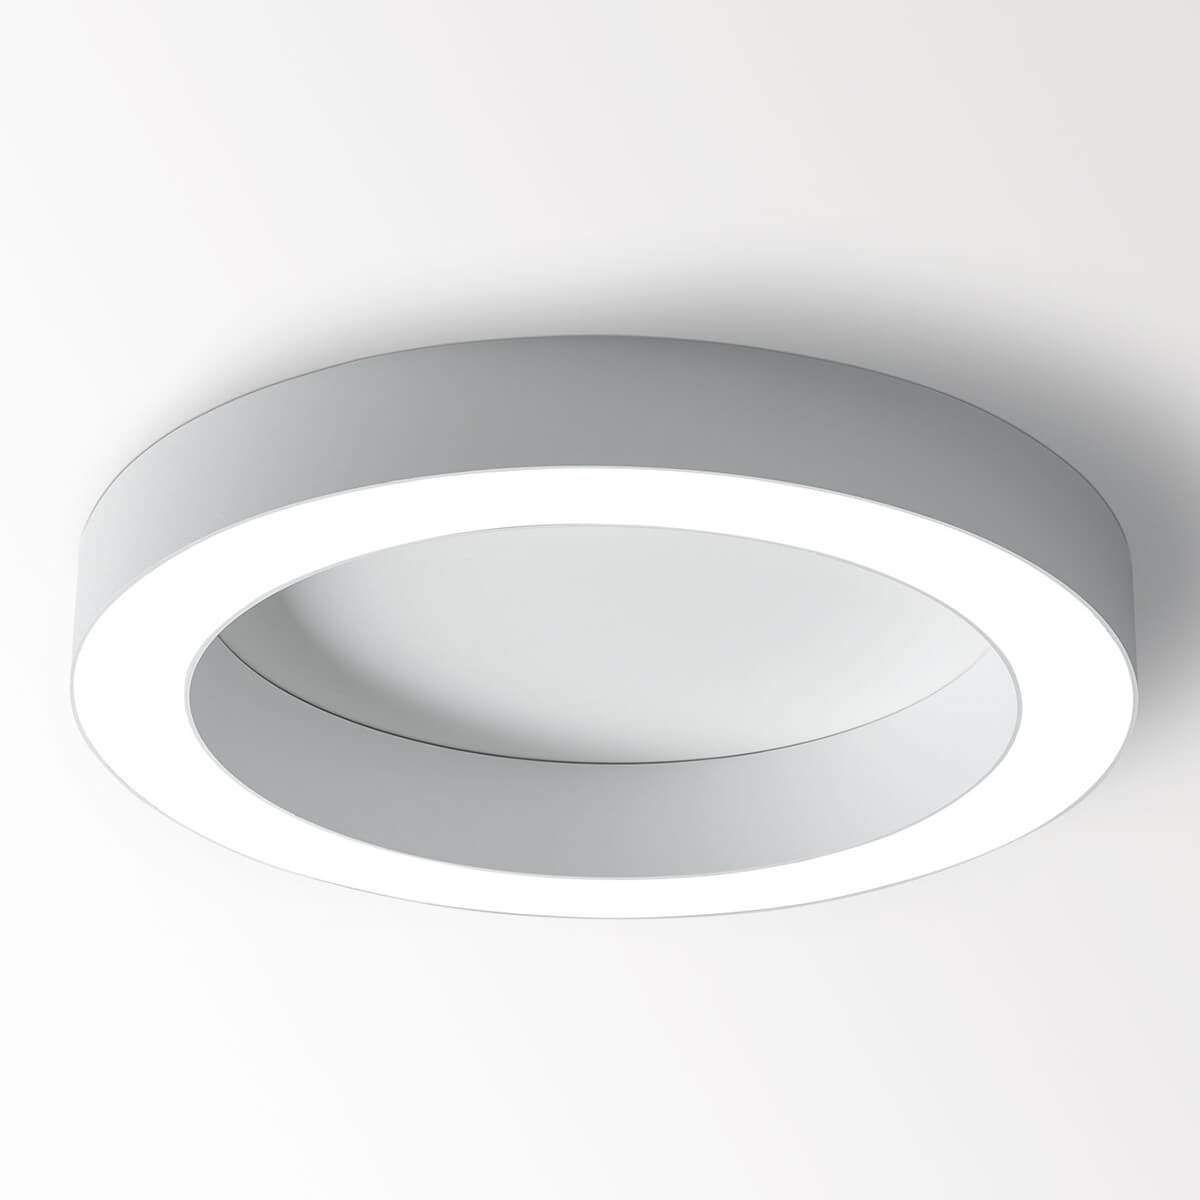 Deckenleuchten Design Trio Designer Led Deckenleuchte 5 Flammig Deckenlampe Wohnzimmer Rund Deckenleuchte Led Flach Dimmbar Decke Delta Light Led Light